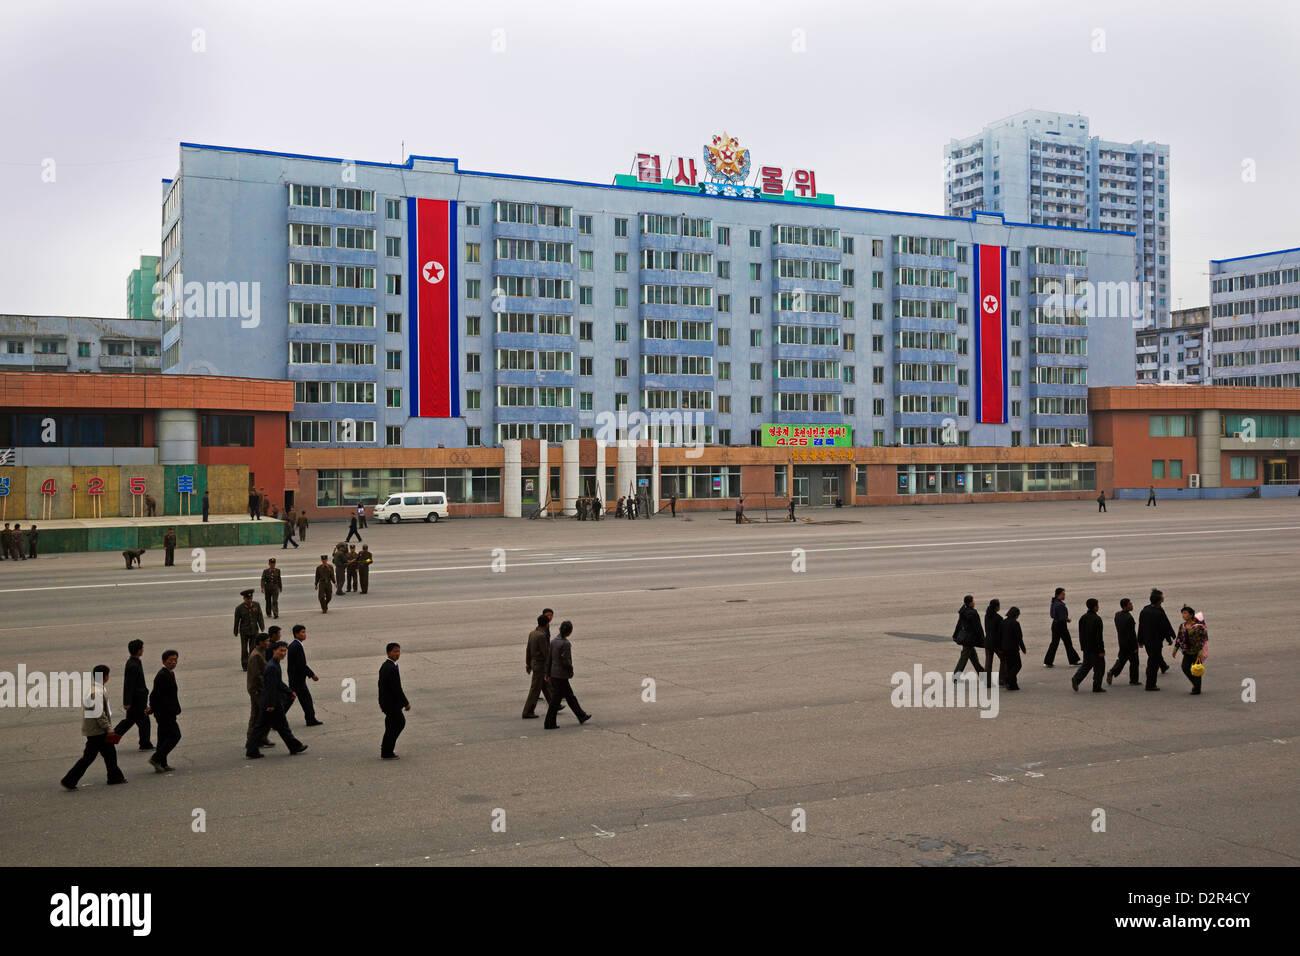 Ville typique de l'architecture, Pyongyang, République populaire démocratique de Corée (RPDC), Photo Stock